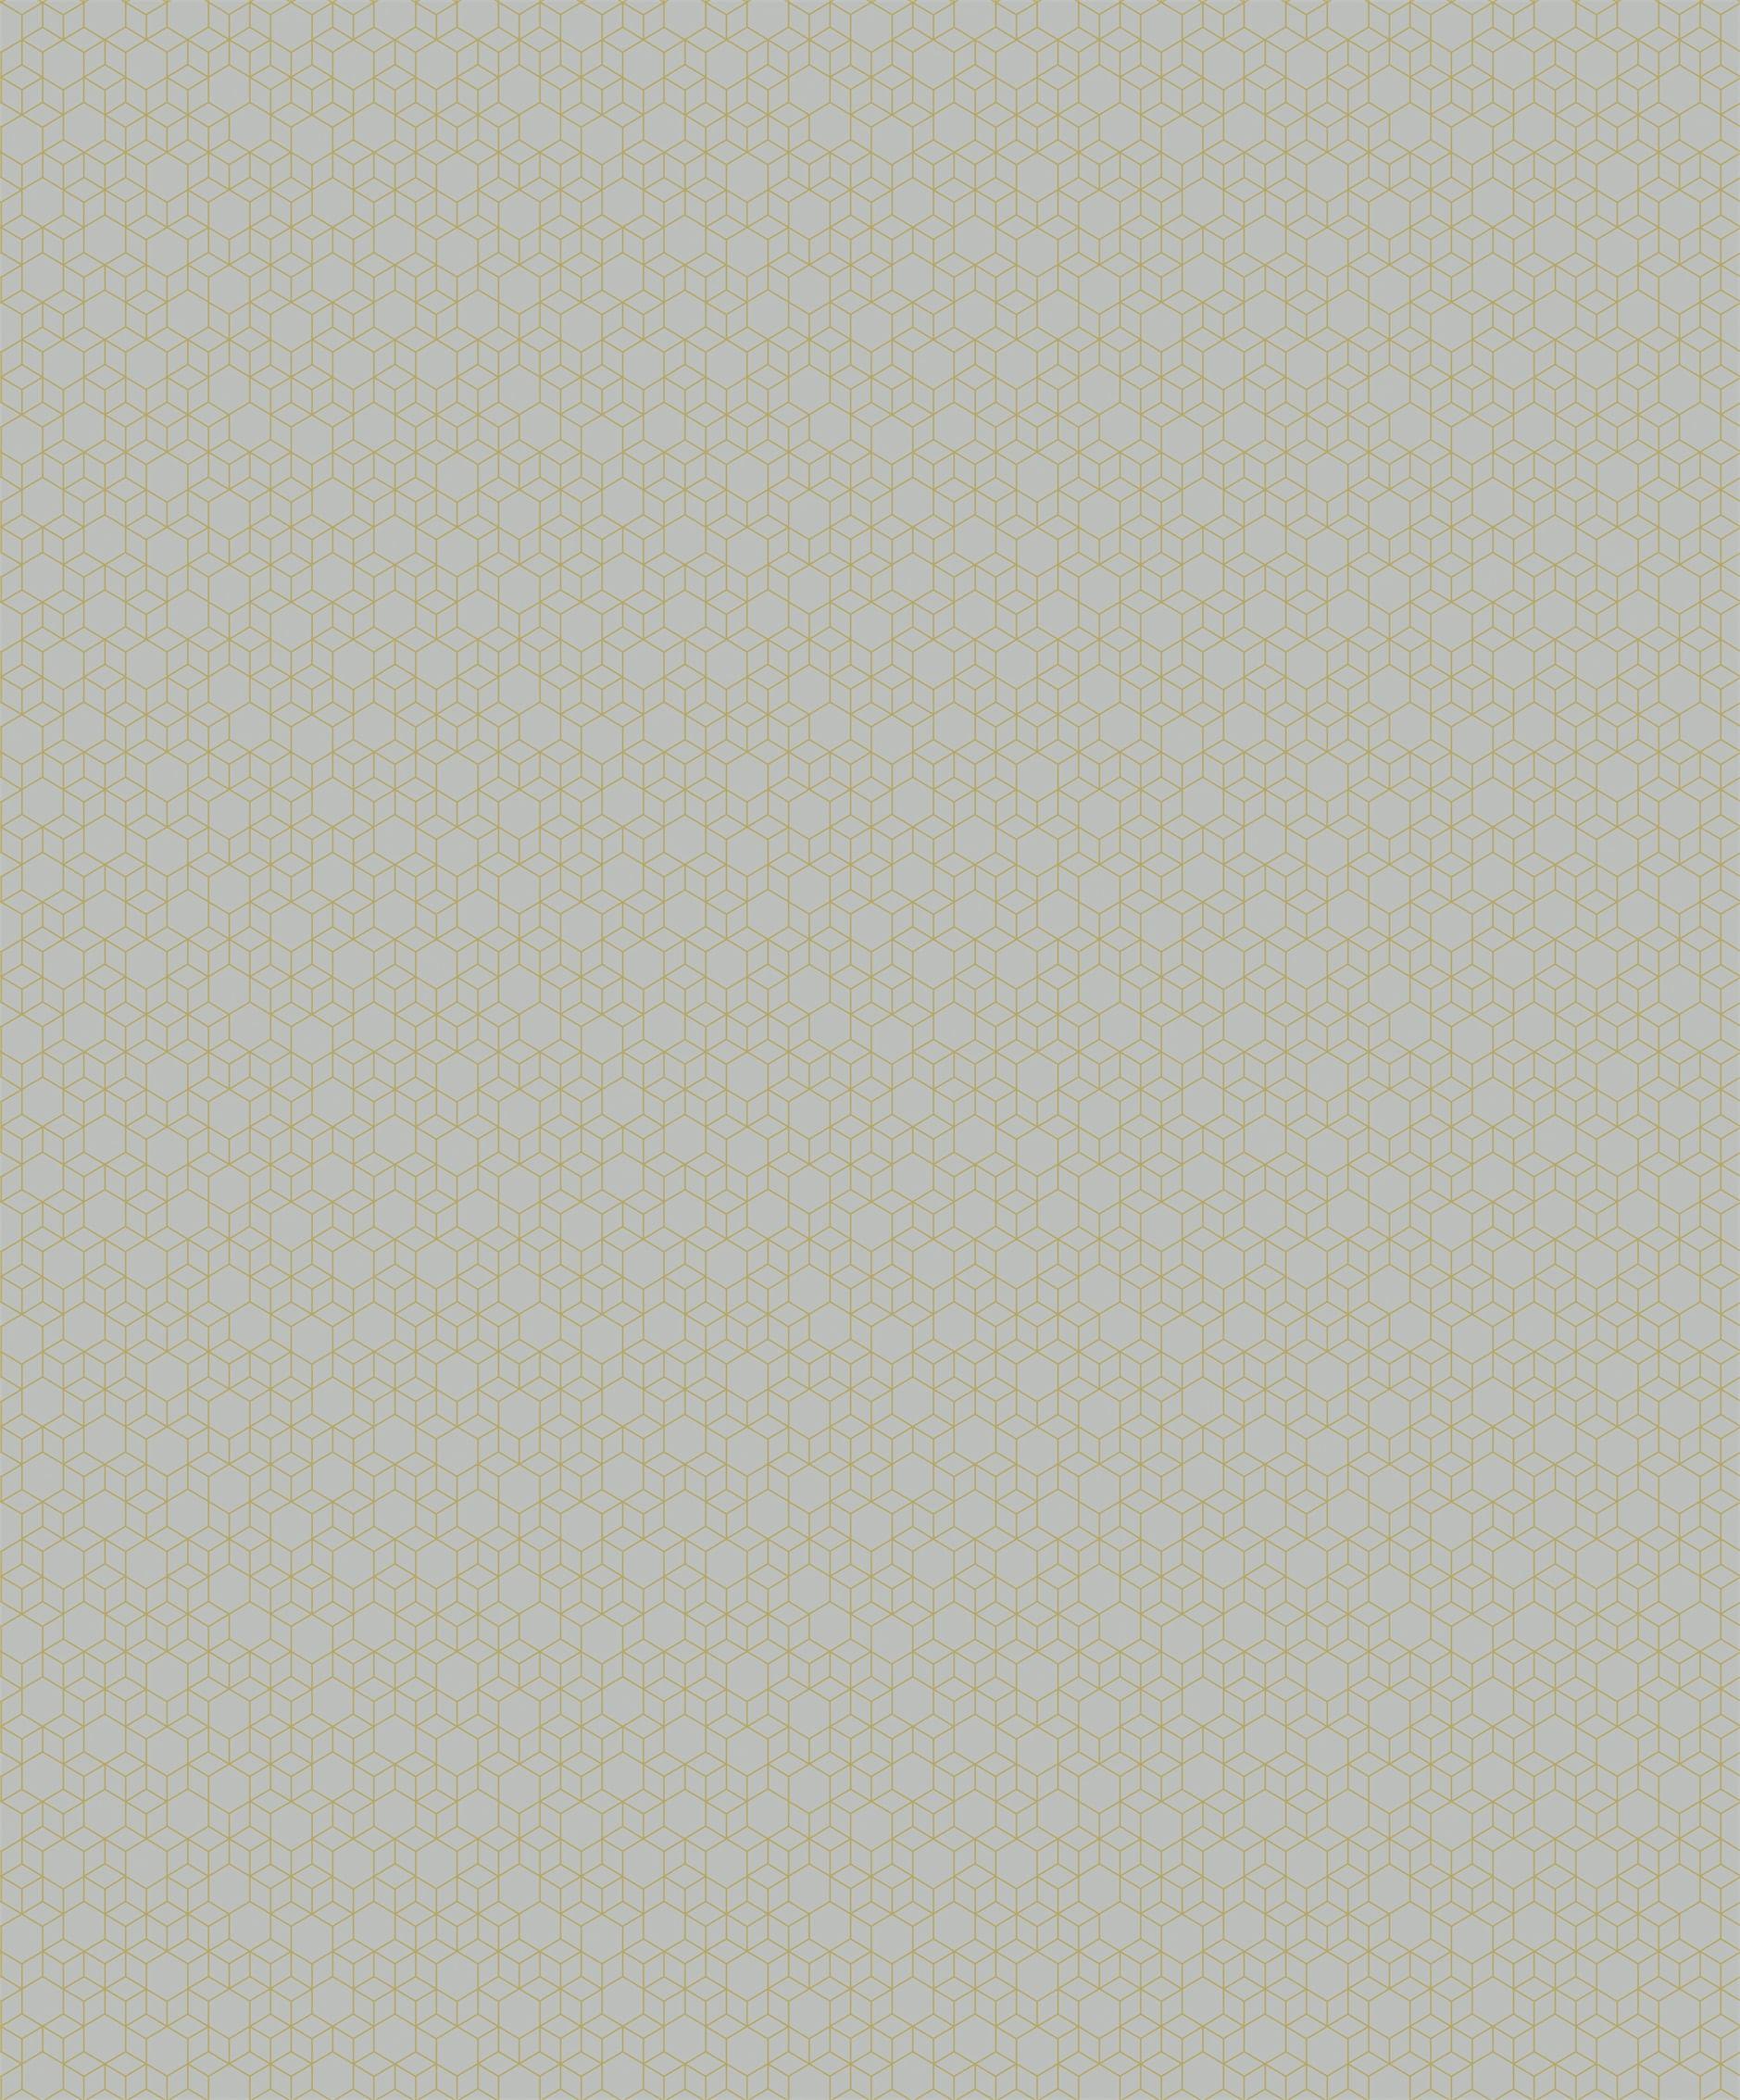 Papel de Parede Modern Maison Mini Geométrico MM558201 - Rolo: 10m x 0,52m